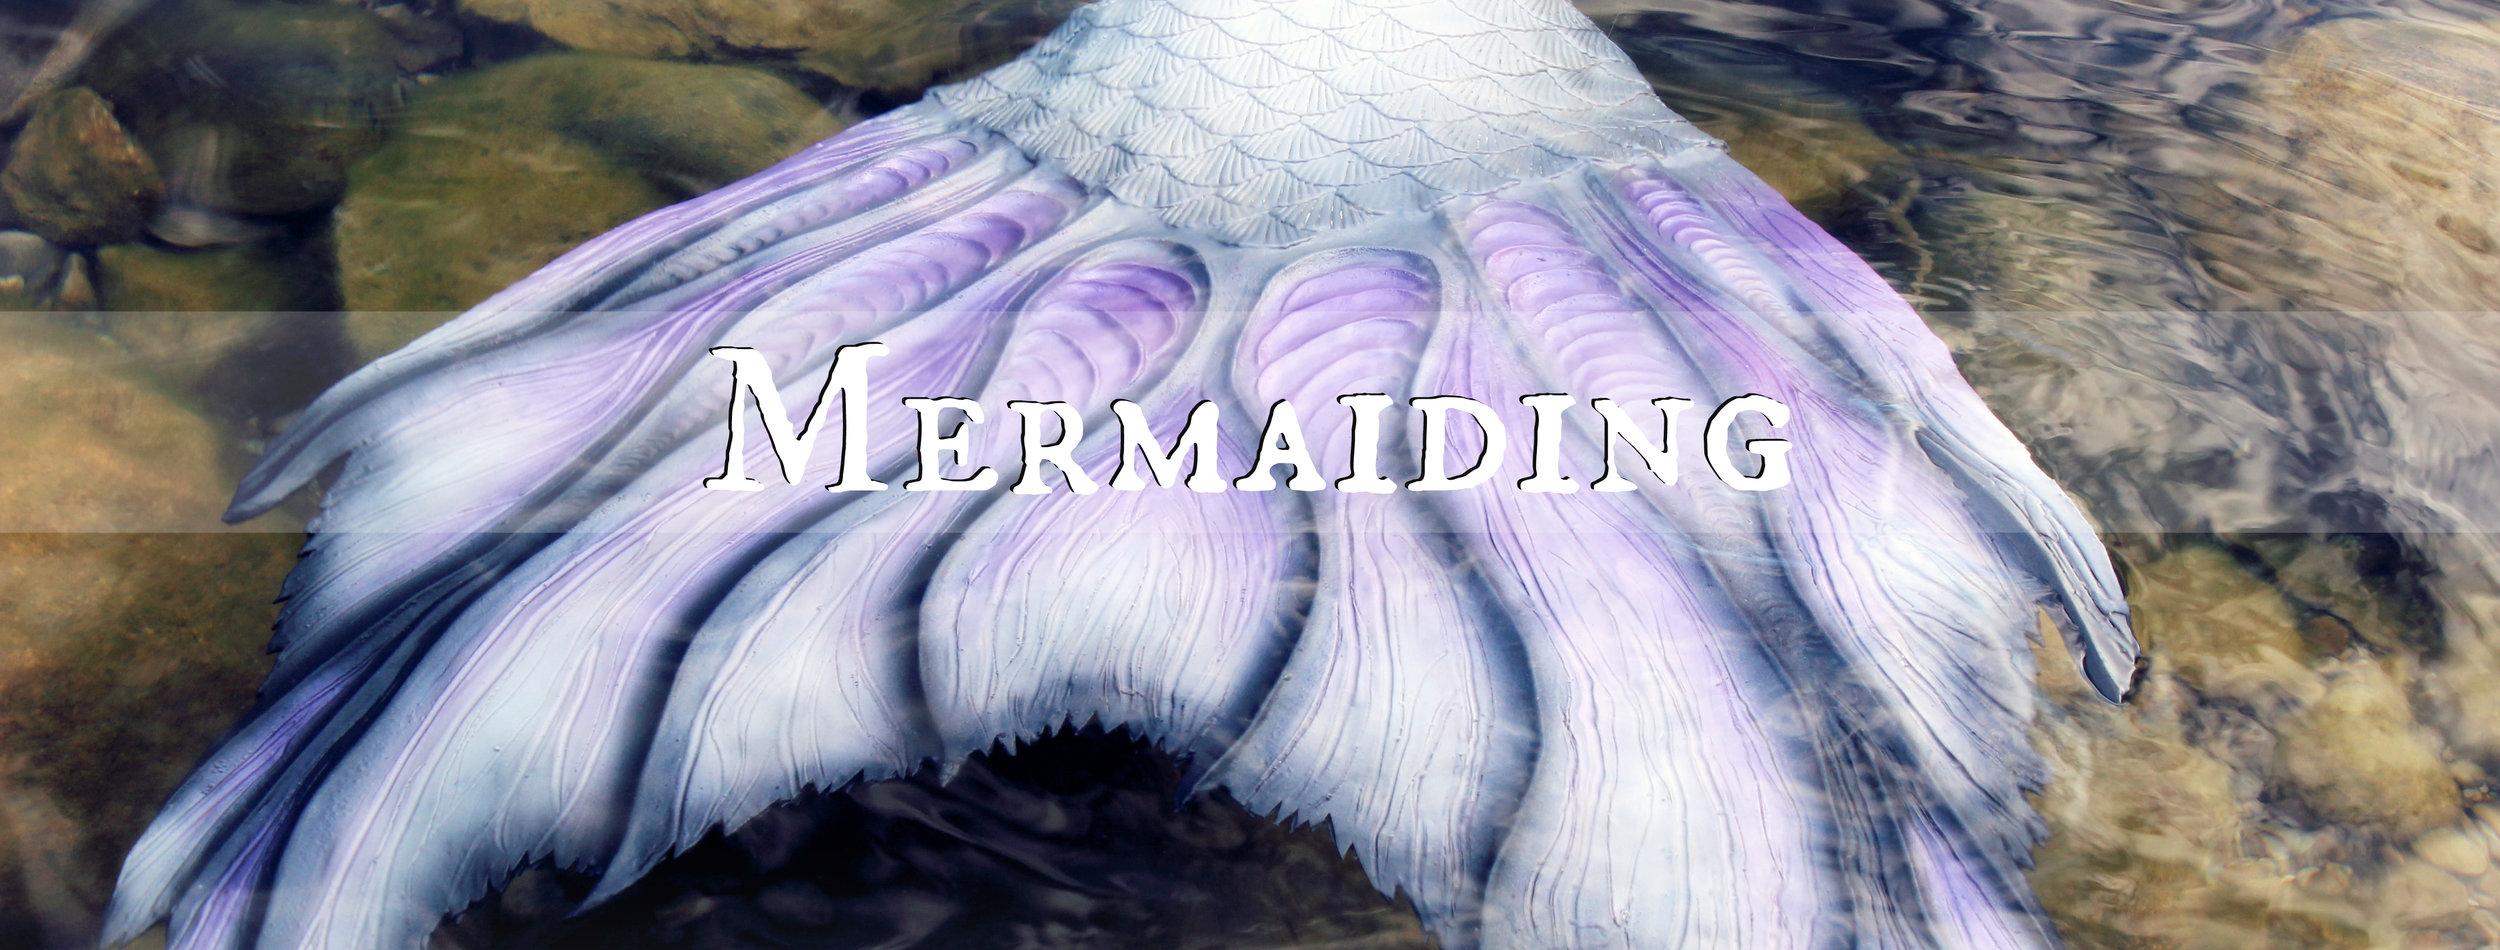 Mermaid Phantom mermaiding in her MerNation Silicone Mermaid Tail